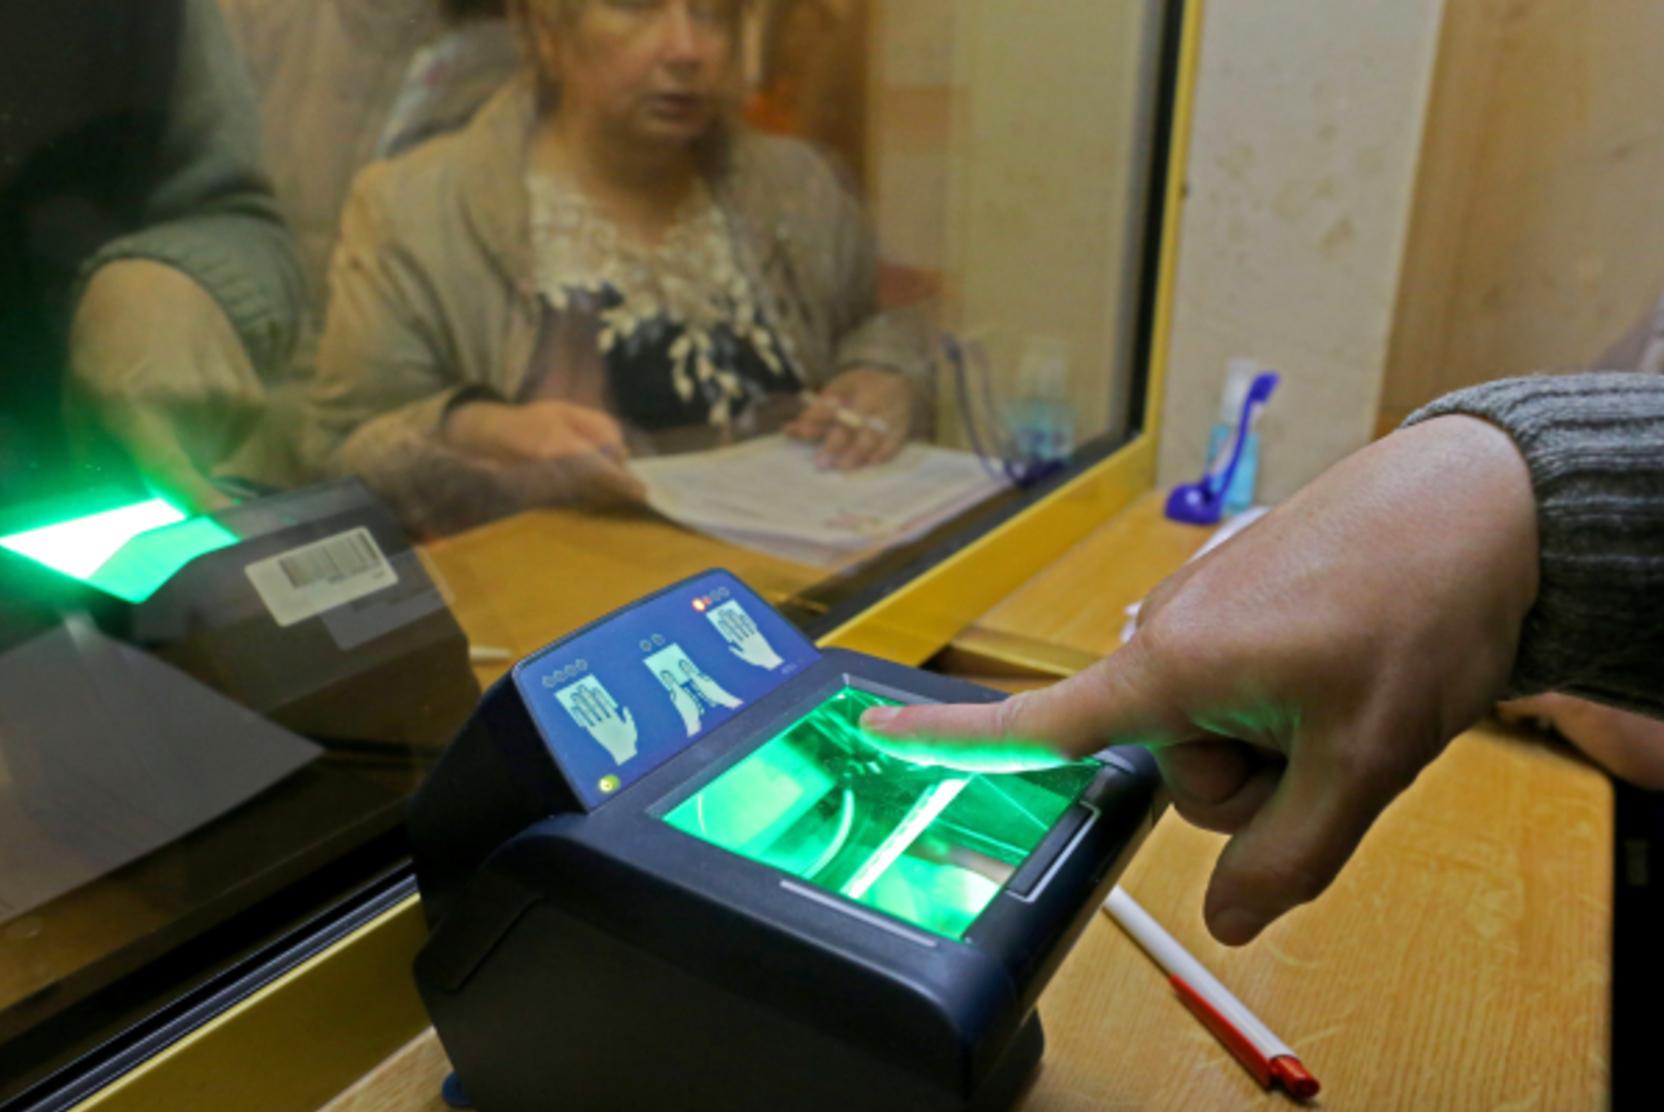 МВД: электронные паспорта россиян будут содержать отпечатки двух пальцев рук